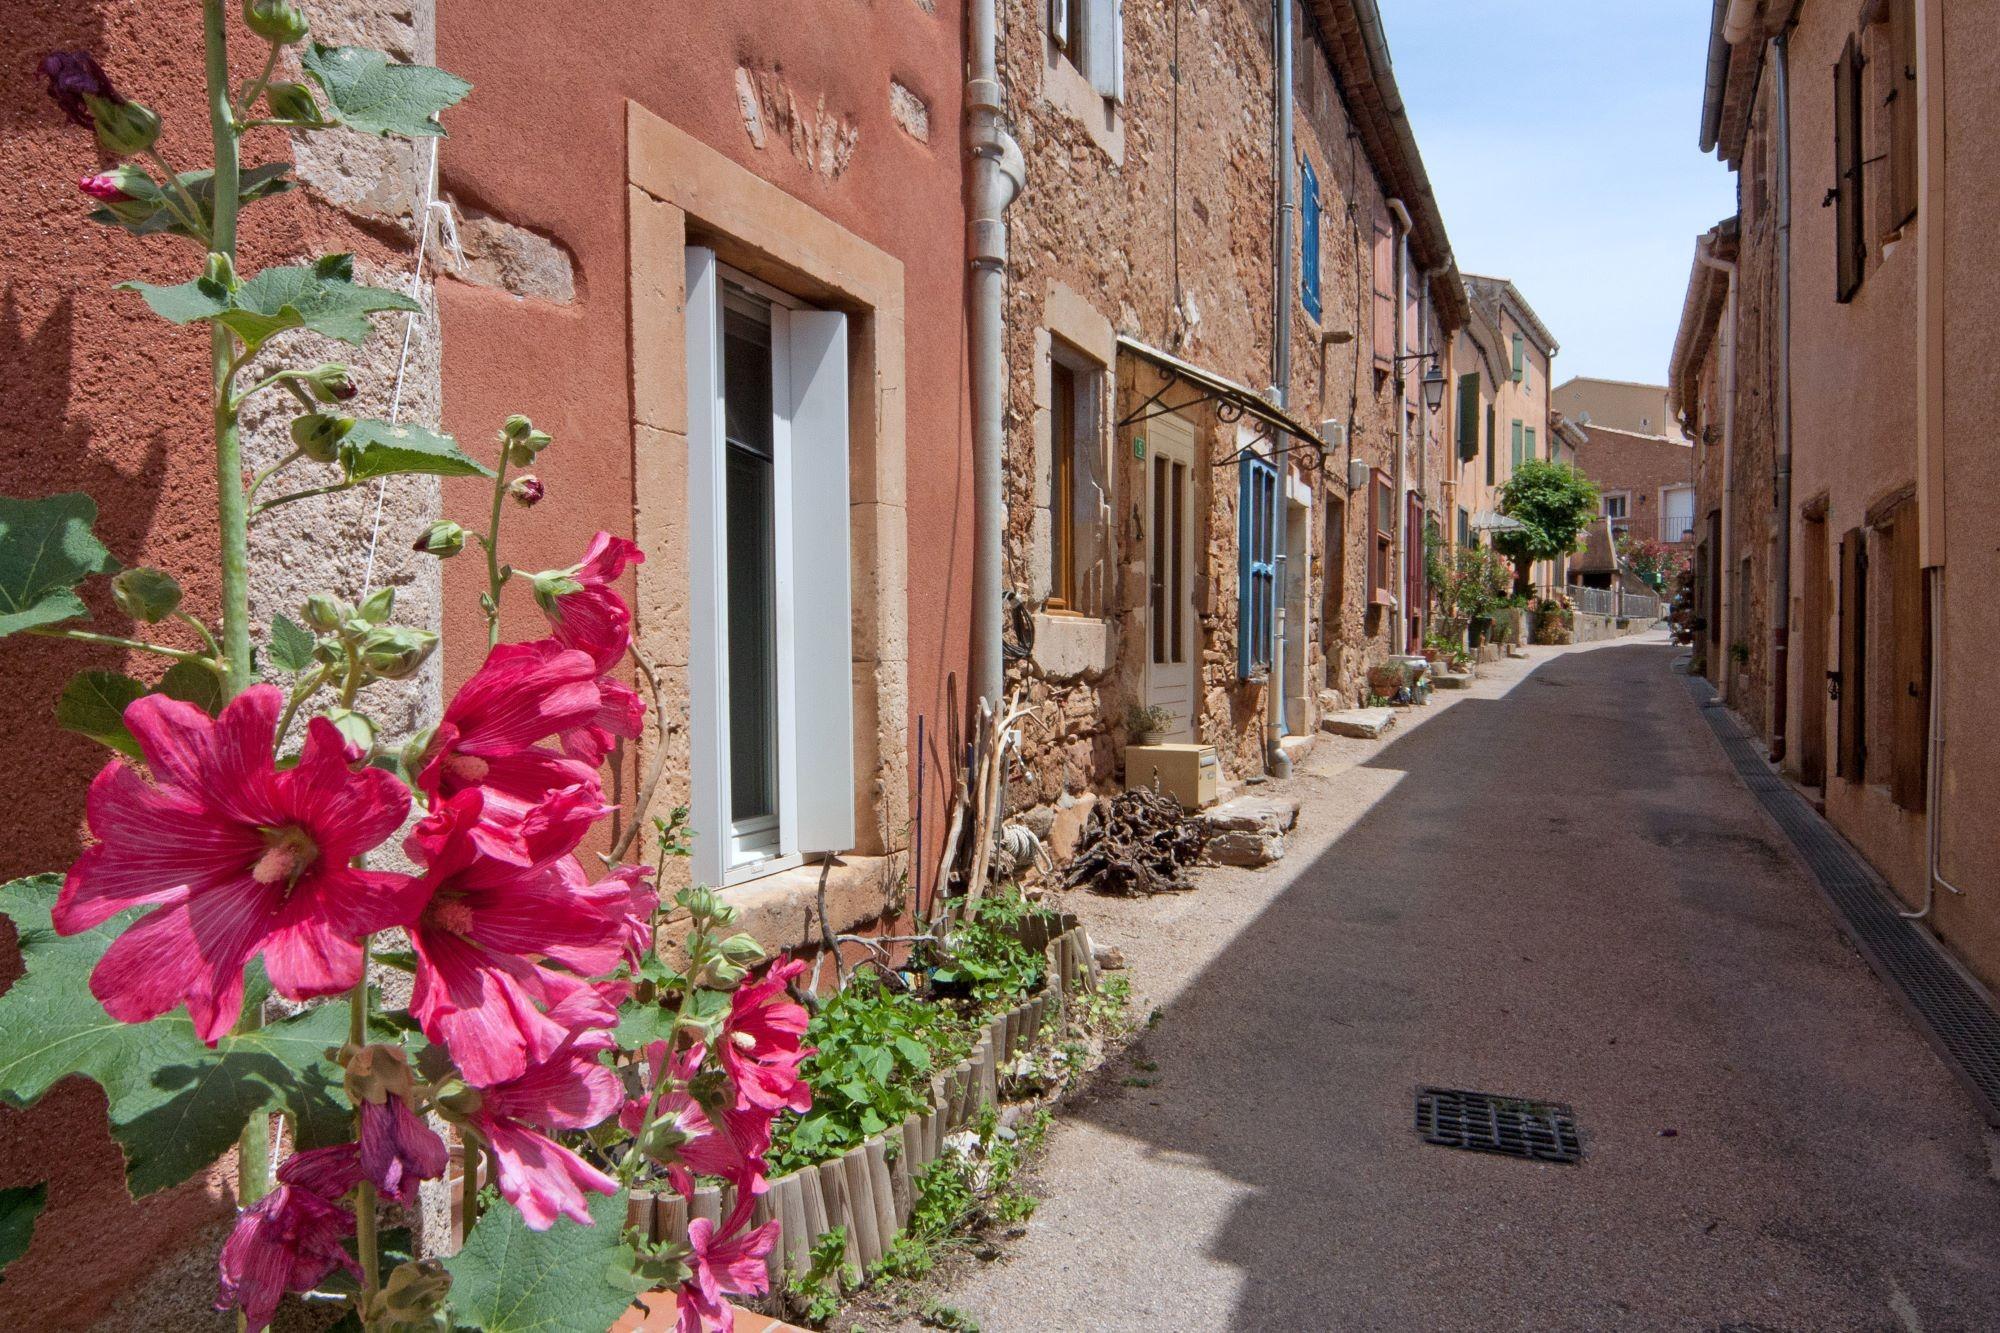 Rue des fleurs